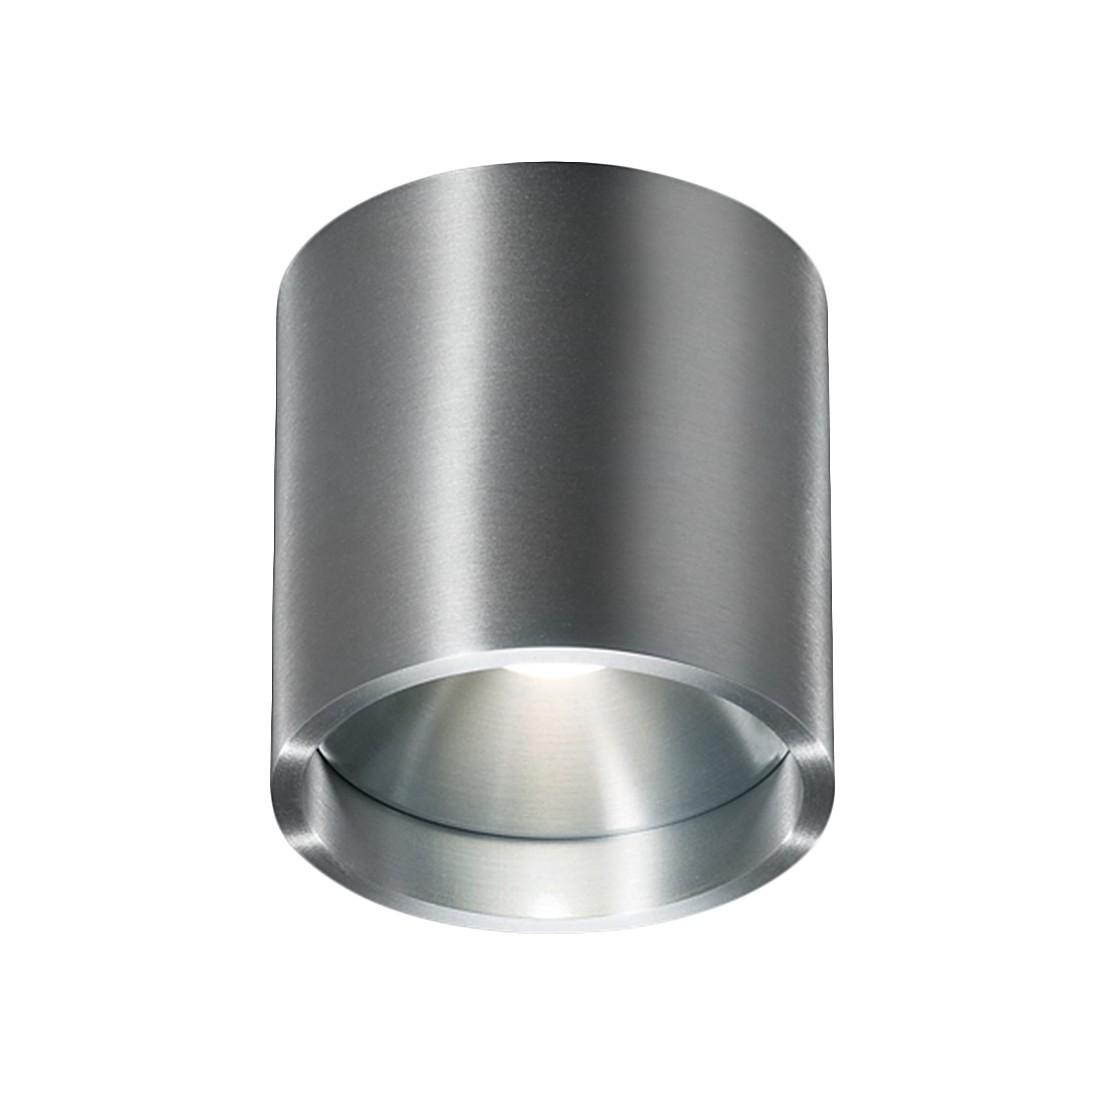 energie  A+, Plafondlamp DORA 1- zilverkleurig metaal, Helestra